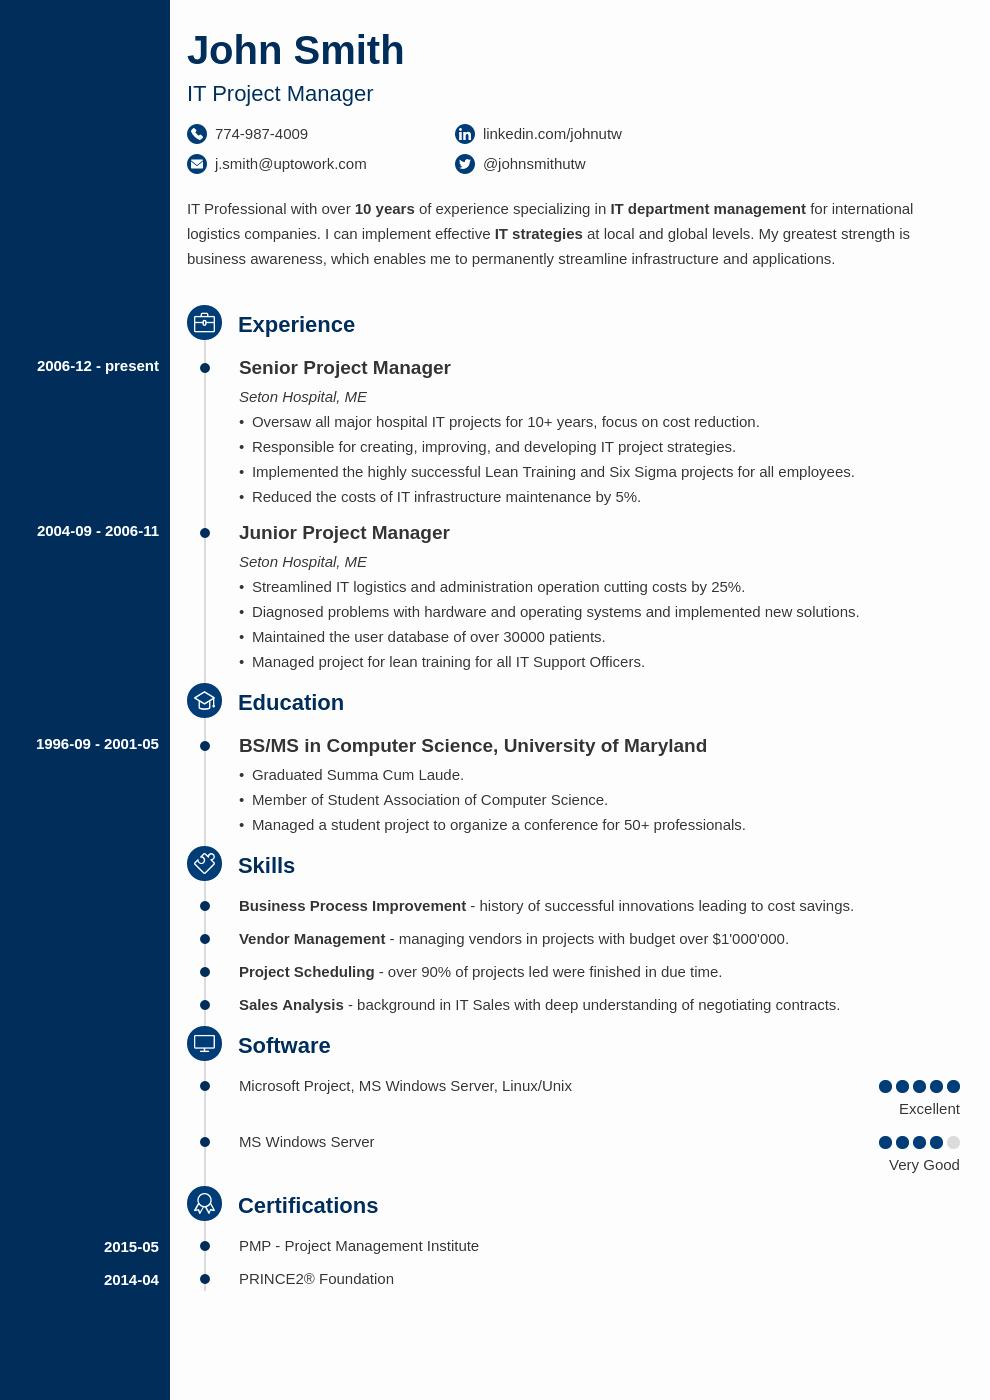 Curriculum Vitae Samples Luxury 20 Cv Templates Download A Professional Curriculum Vitae